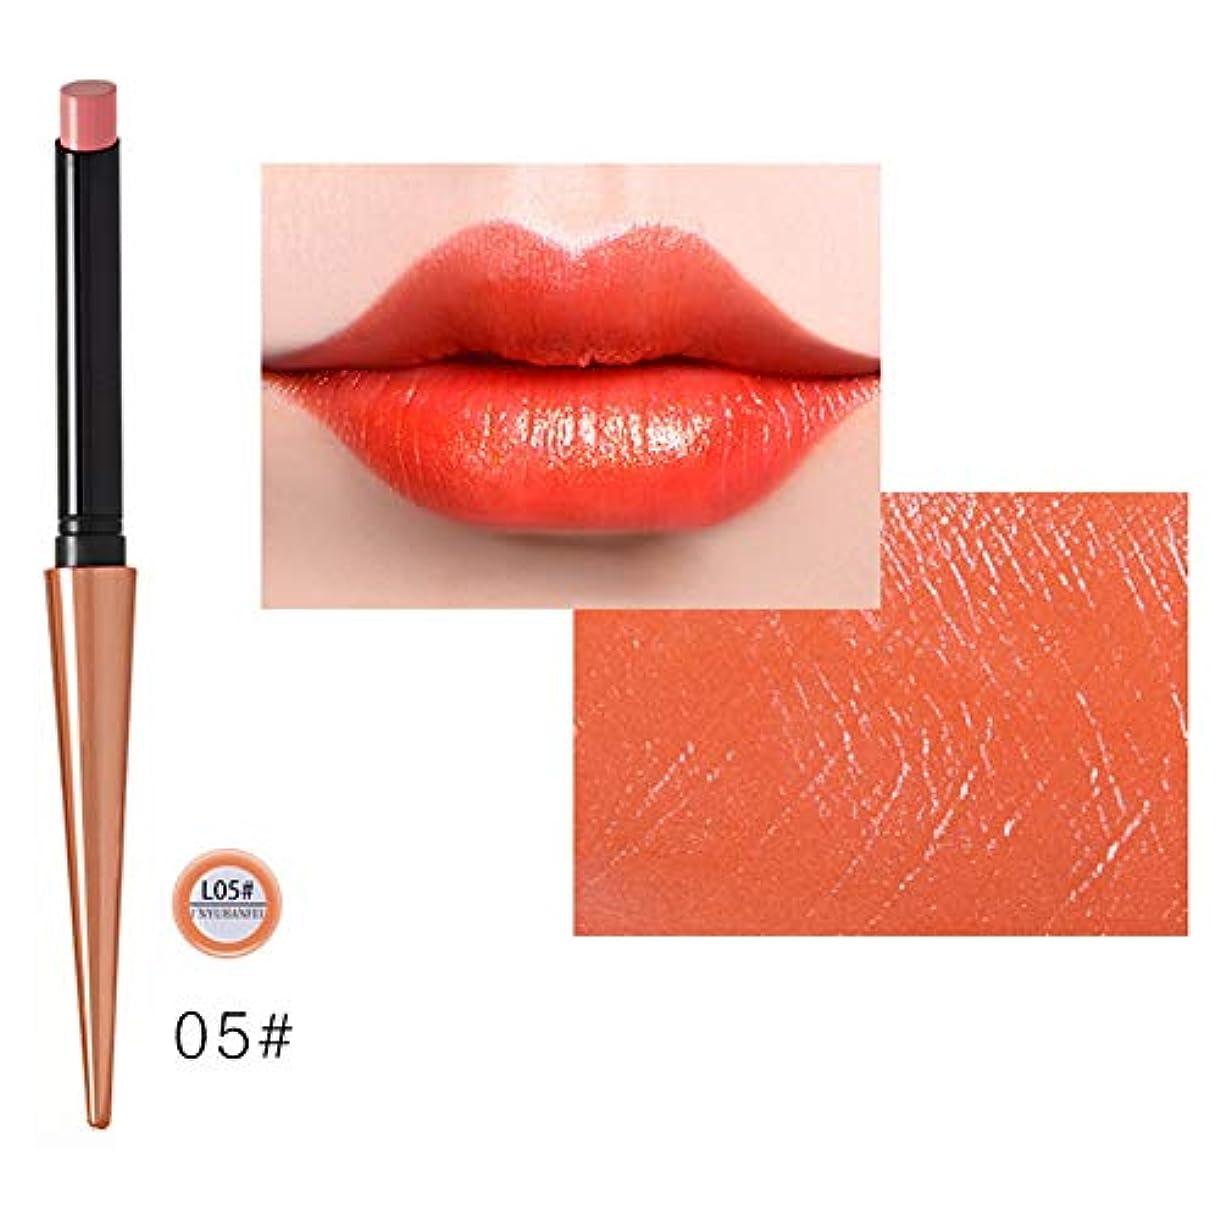 土砂降り昼食何もない口紅 リップマット リップティント リップスティック リップグロス つや消し 防水 長続き 唇の化粧品 化粧品 10色 Cutelove